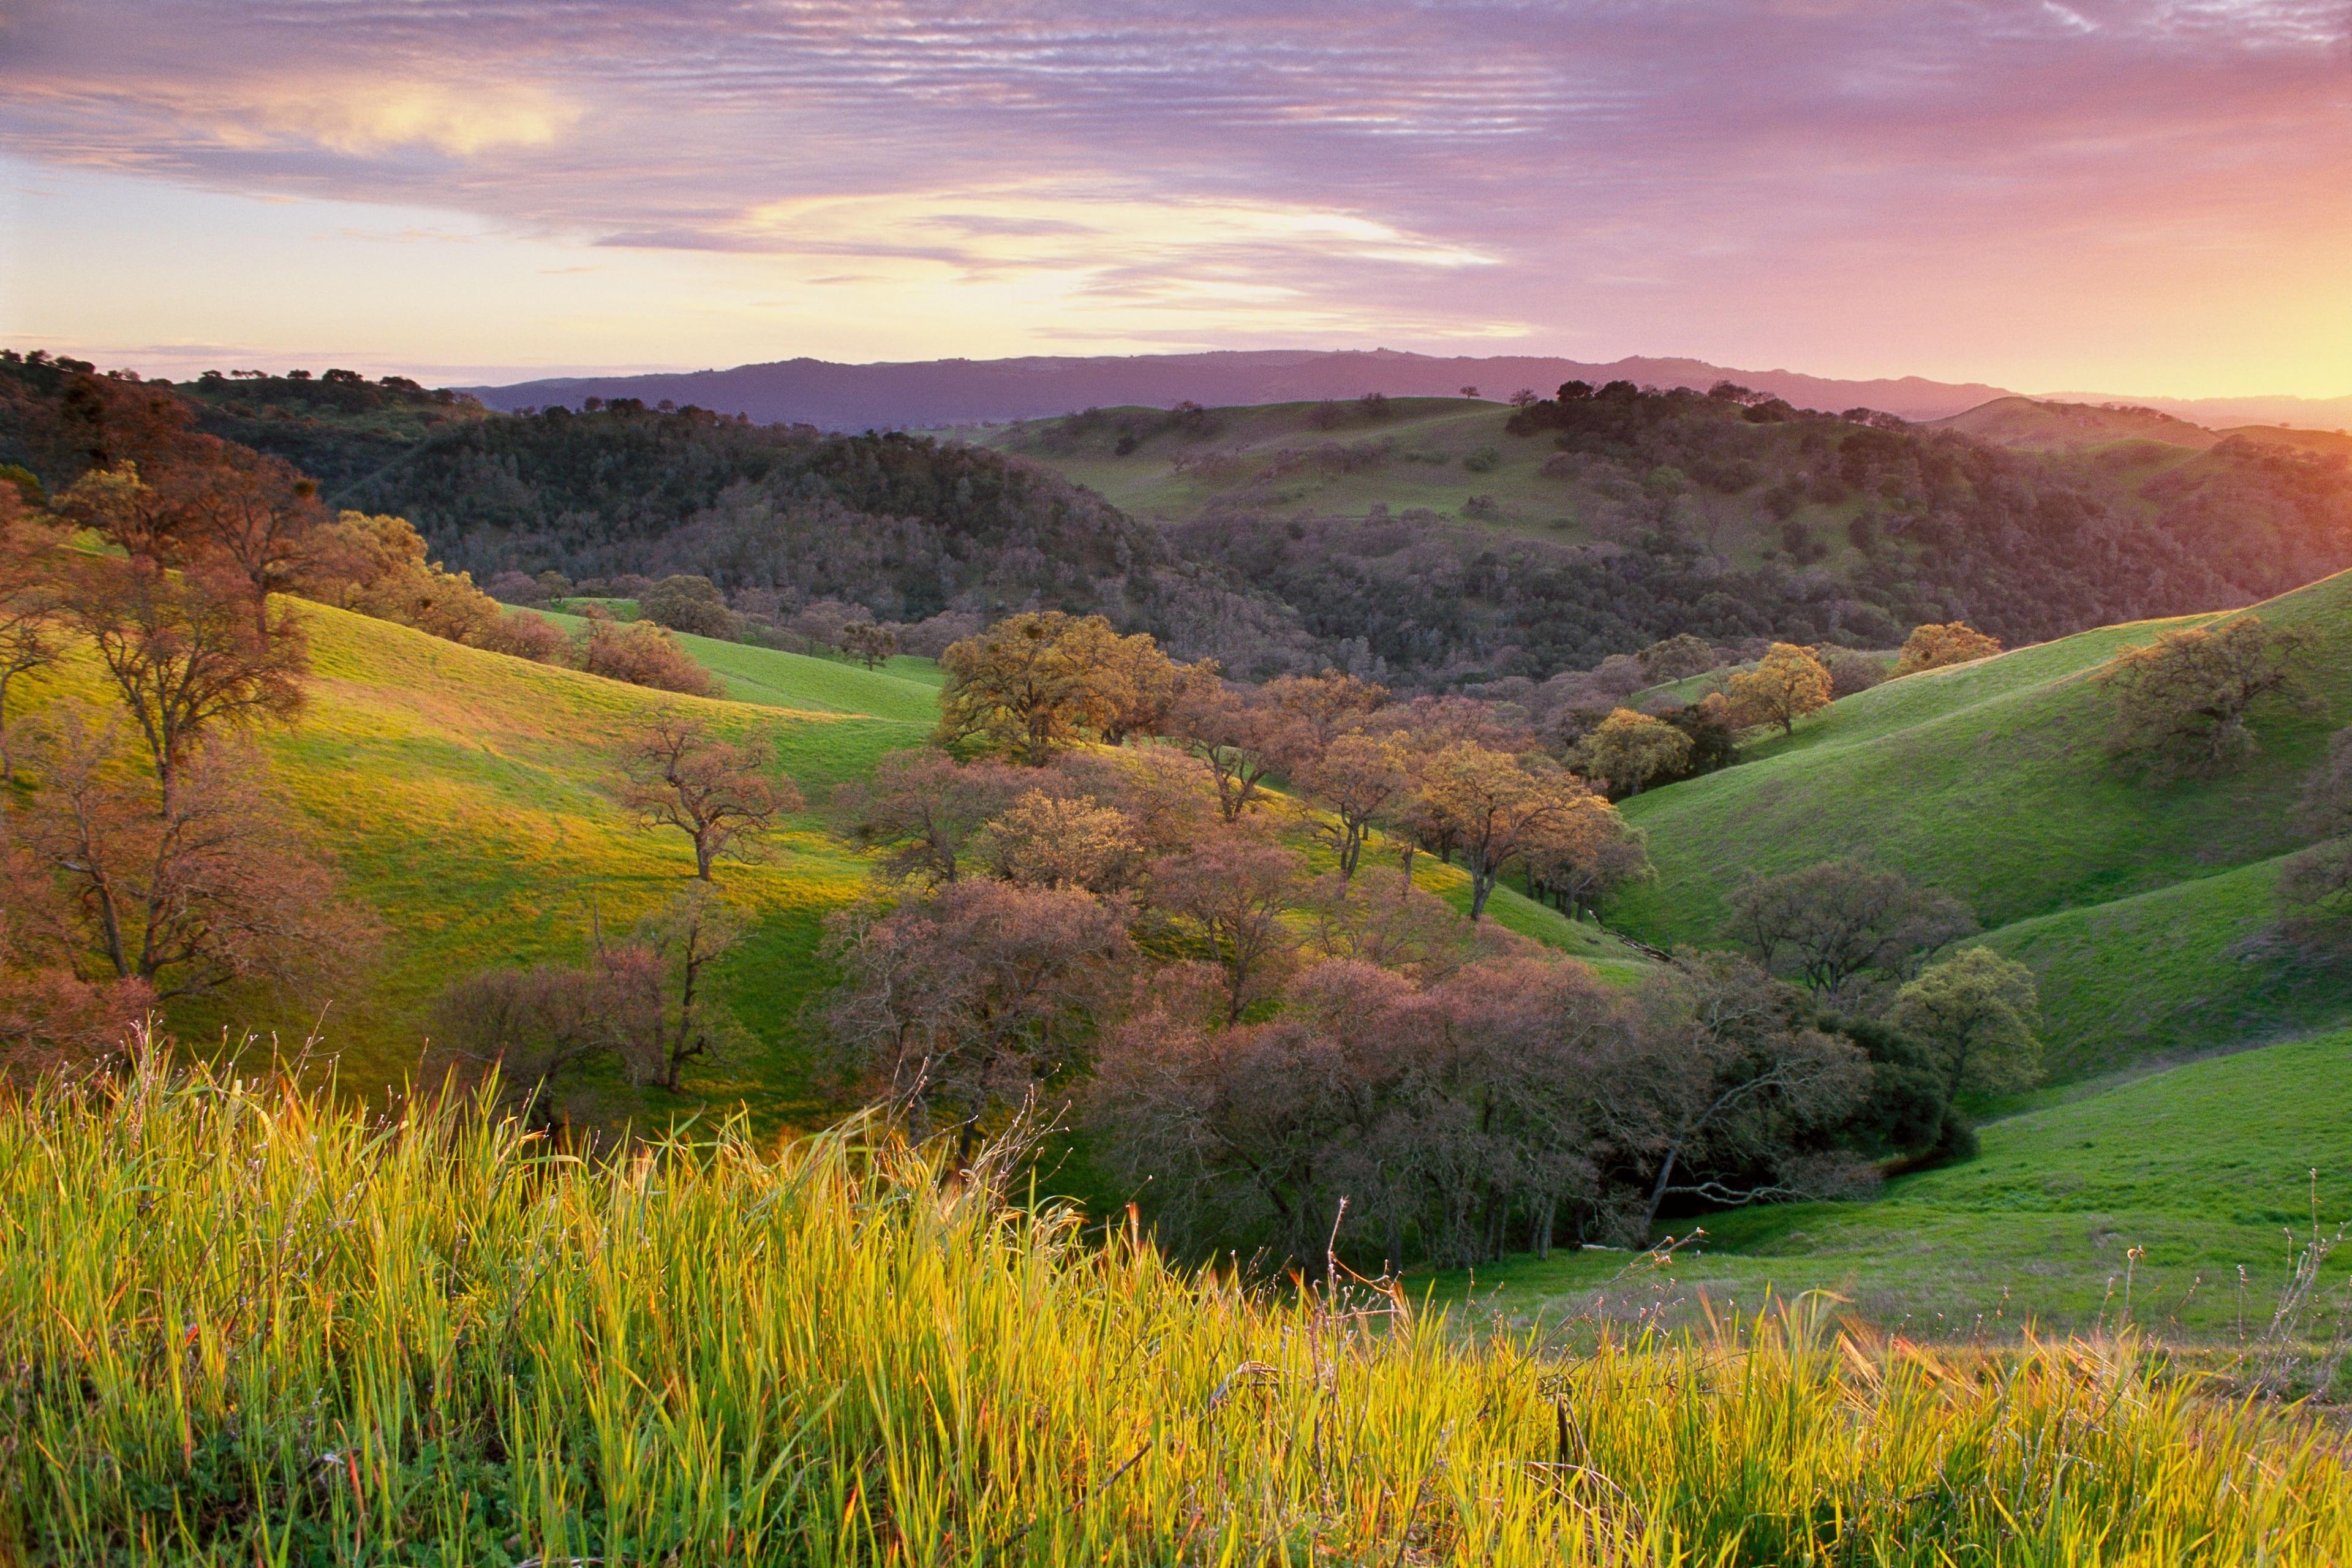 Contra Costa County, California, United States of America